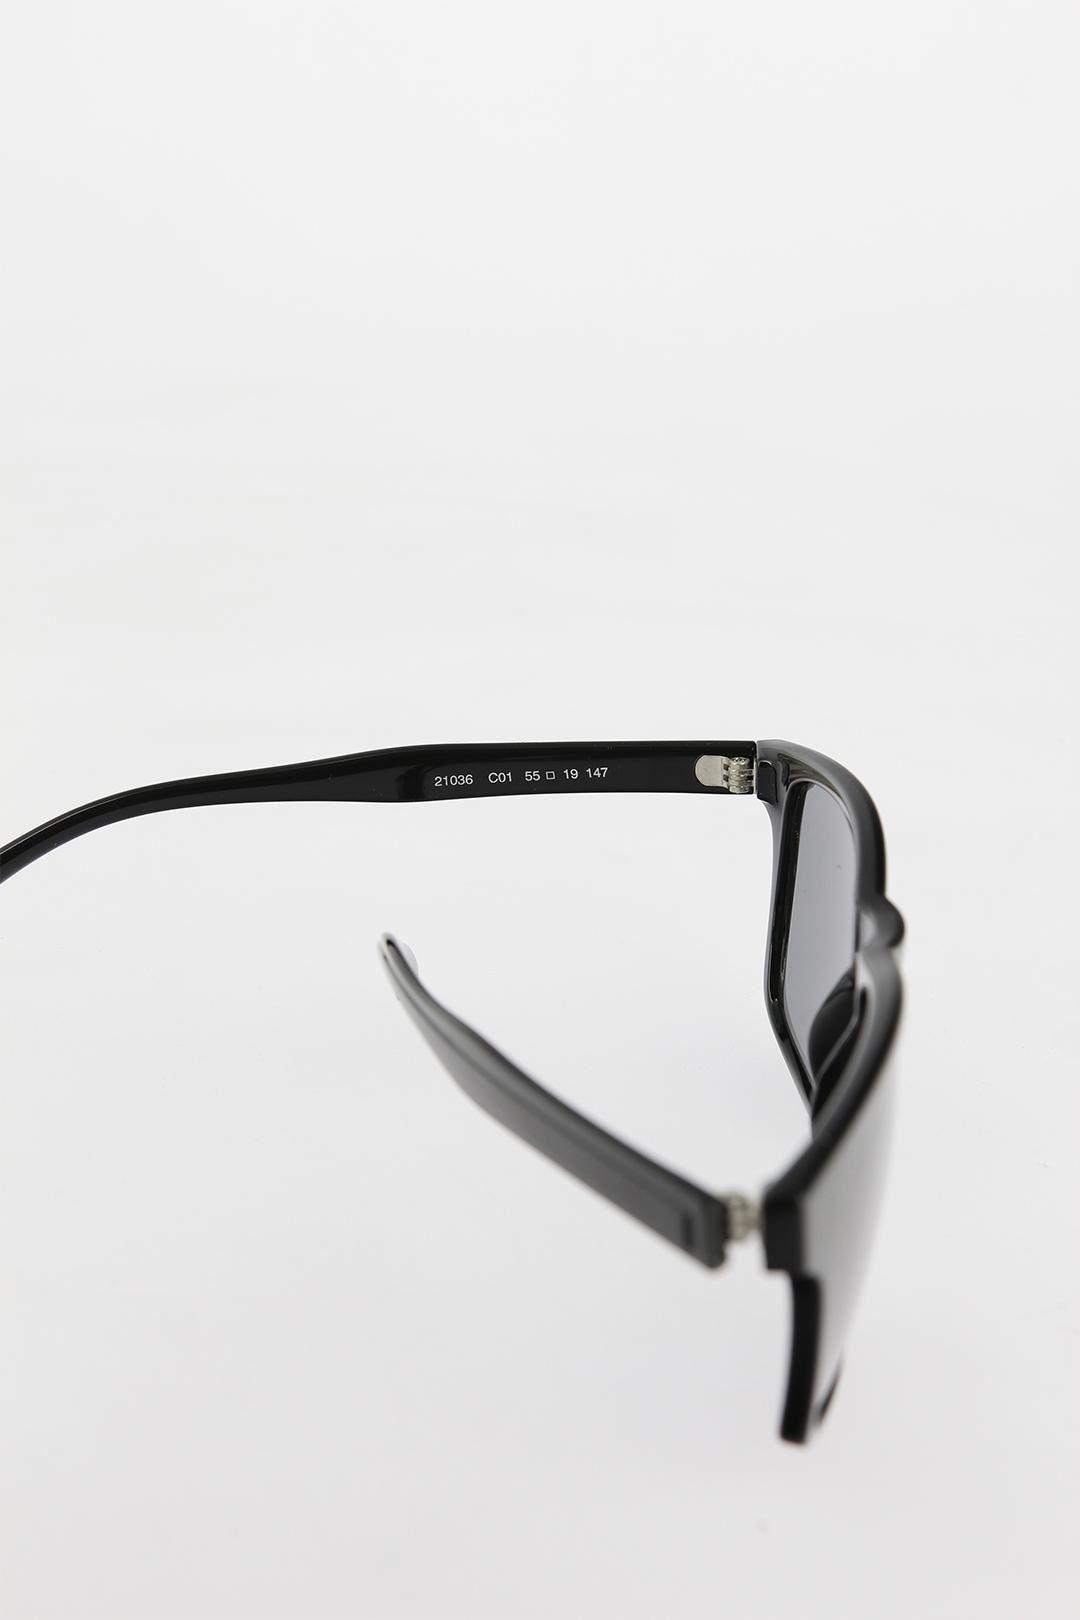 Siyah Çerçeveli Koyu Gri Camlı Erkek Güneş Gözlüğü